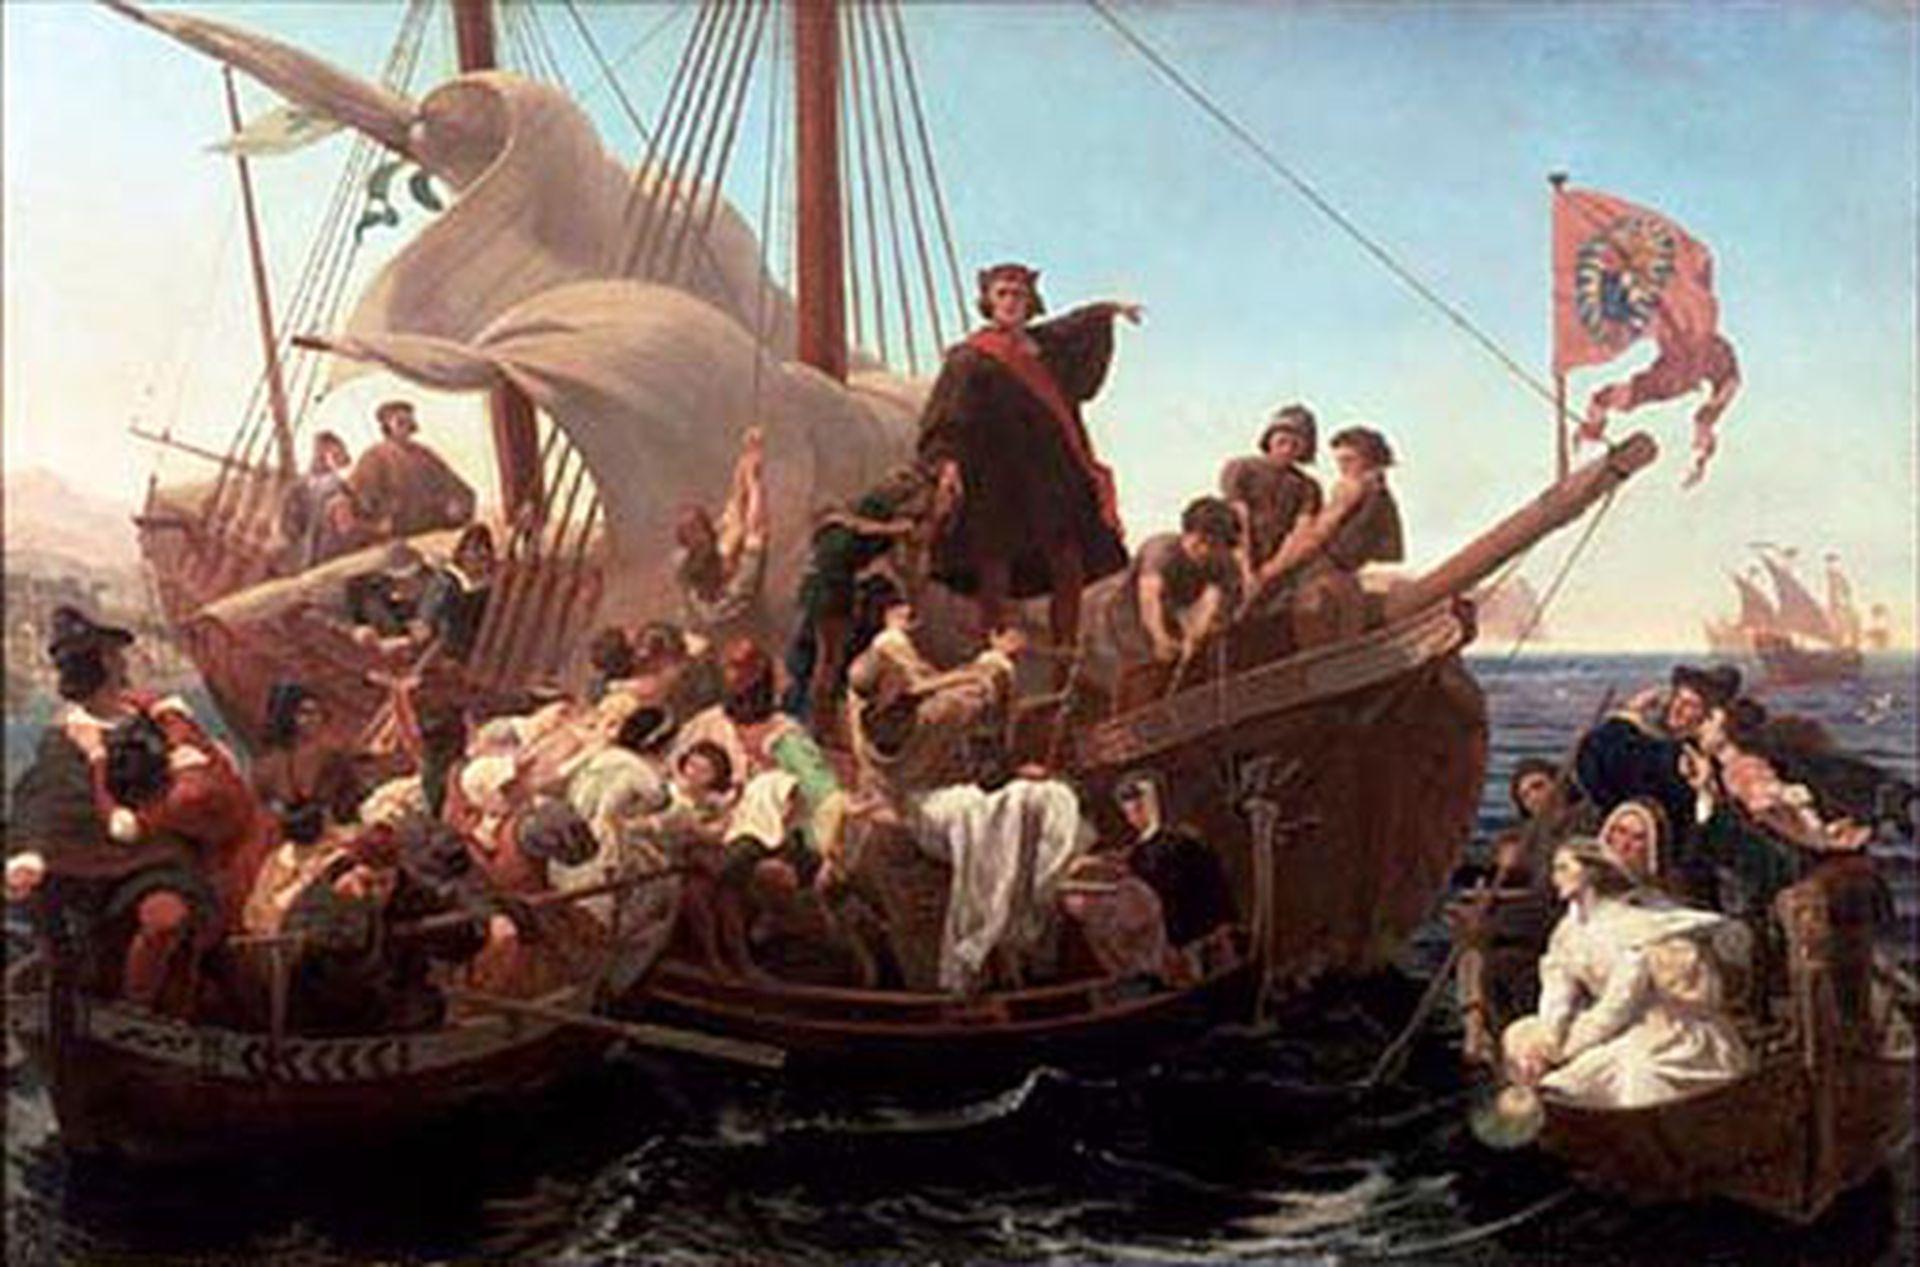 Colón a bordo de la Santa María en otra de las tantas representaciones pictóricas que evocan la histórica travesía de 1492. Archivo La Nación.